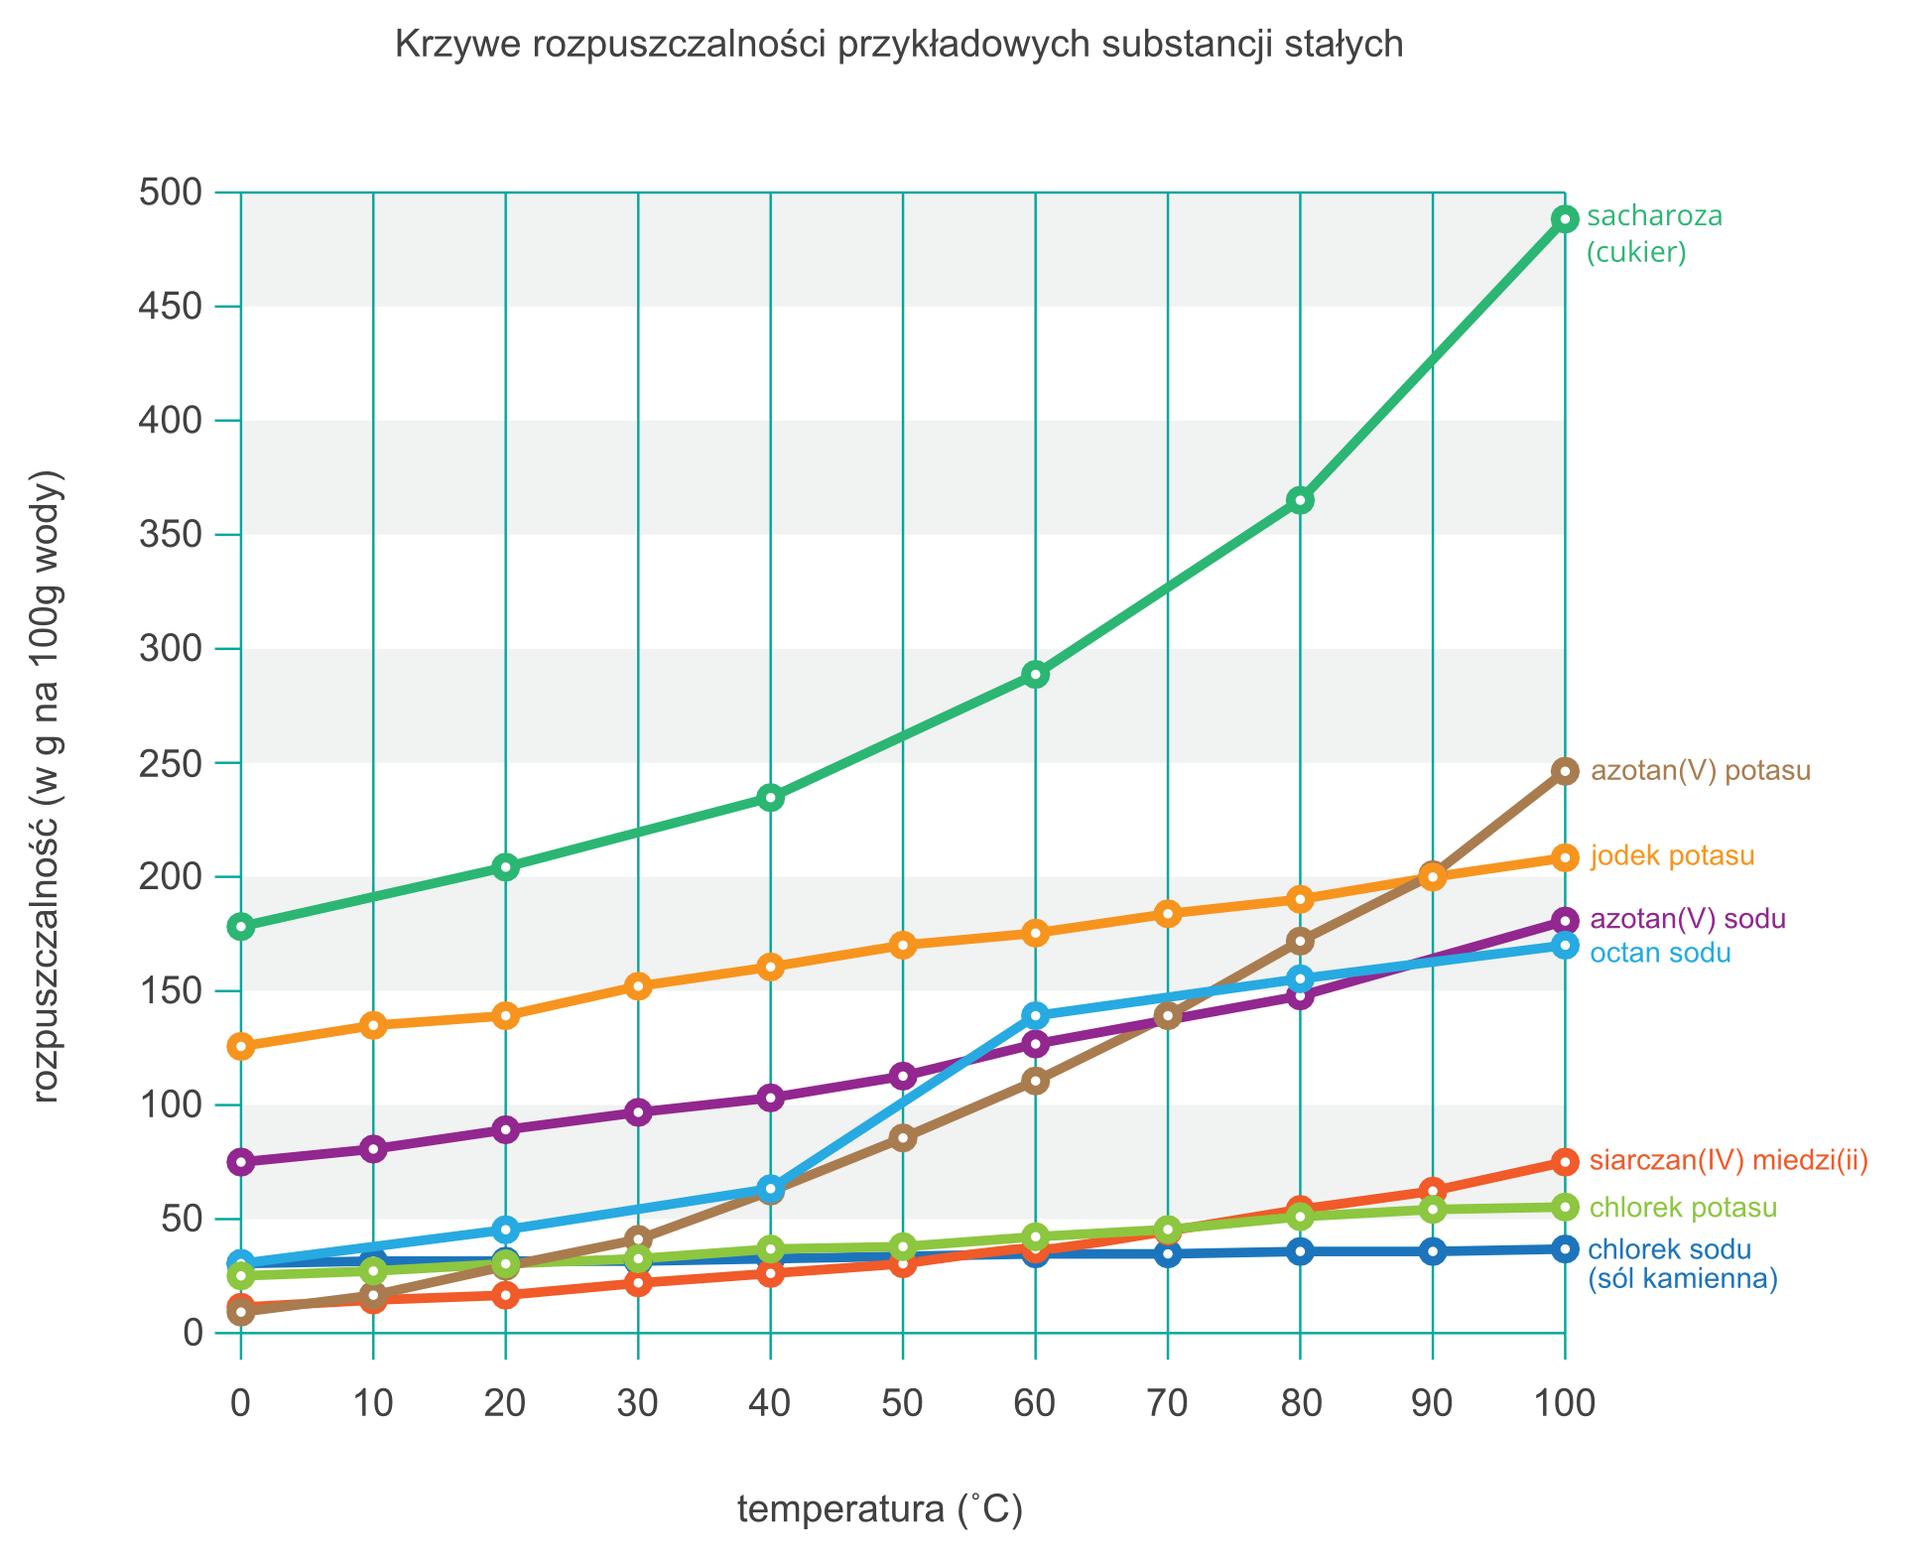 Ilustracja przedstawia wykres porównawczy krzywych rozpuszczalności przykładowych substancji stałych wwodzie. Oś pozioma to temperatura roztworu wyznaczona wstopniach Celsjusza od zera do setki, oś pionowa to rozpuszczalność wgramach substancji na 100 gramów wody od zera do pięciuset. Pole wykresu podzielone jest na kolumny co dziesięć stopni Celsjusza. Na wykresie przedstawiono krzywe rozpuszczalności ośmiu substancji. Widać znich, że rozpuszczalność każdej substancji zwiększa się wraz ze wzrostem temperatury, ale zróżną prędkością inajczęściej też zinnym poziomem wyjściowym przy temperaturze zera stopni. Najmniejszą dynamikę przyrostu ma sól kamienna, czyli chlorek sodu oraz chlorek potasu. Nieco większą ma siarczan miedzi ijodek potasu, który jednak odznacza się znacznie wyższą rozpuszczalnością ogólną od wszystkich wymienionych do tej pory. Następny jest azotan sodu, którego rozpuszczalność wniskiej temperaturze sytuuje się pomiędzy jodkiem potasu, awcześniej wymienionymi substancjami, awwysokiej zbliża się do rozpuszczalności jodku potasu. Octan sodu początkowo zwiększa rozpuszczalność powoli, aby wzakresie od czterdziestu do sześćdziesięciu stopni gwałtownie przyspieszyć iponownie zwolnić. Azotan potasu wnajniższej temperaturze ma najniższą rozpuszczalność spośród wszystkich umieszczonych na wykresie, ale rośnie ona najszybciej, bo przy temperaturze stu stopni Celsjusza aż osiemnastokrotnie, zajmując ostatecznie drugie miejsce na wykresie. Najwyższą rozpuszczalność wkażdej temperaturze, zdecydowanie wyższą od wszystkich pozostałych substancji ma cukier spożywczy, czyli sacharoza. Wynosi ona od około stu osiemdziesięciu do około czterystu dziewięćdziesięciu gramów na sto gramów wody.